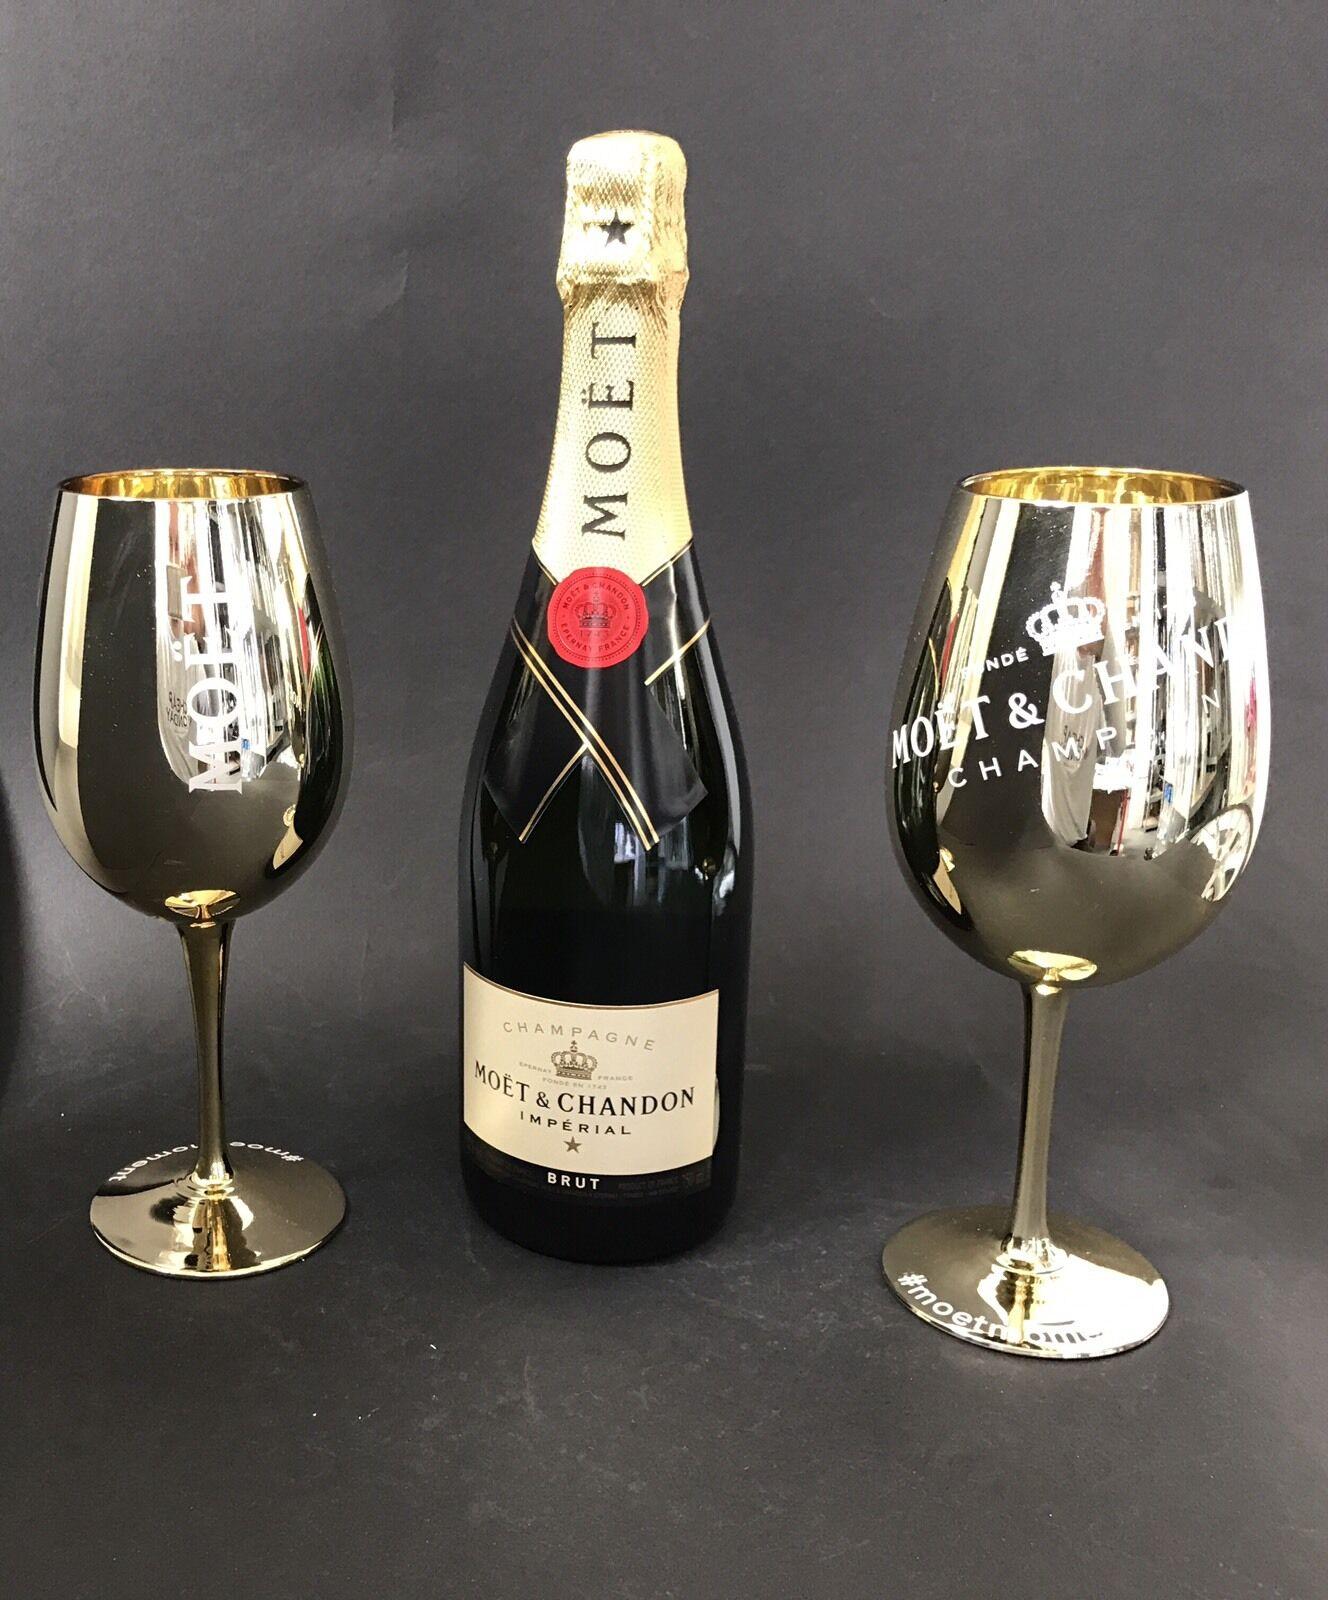 moet chandon imp rial champagner 0 75l flasche 12 vol 2 gold glas gl ser chf. Black Bedroom Furniture Sets. Home Design Ideas